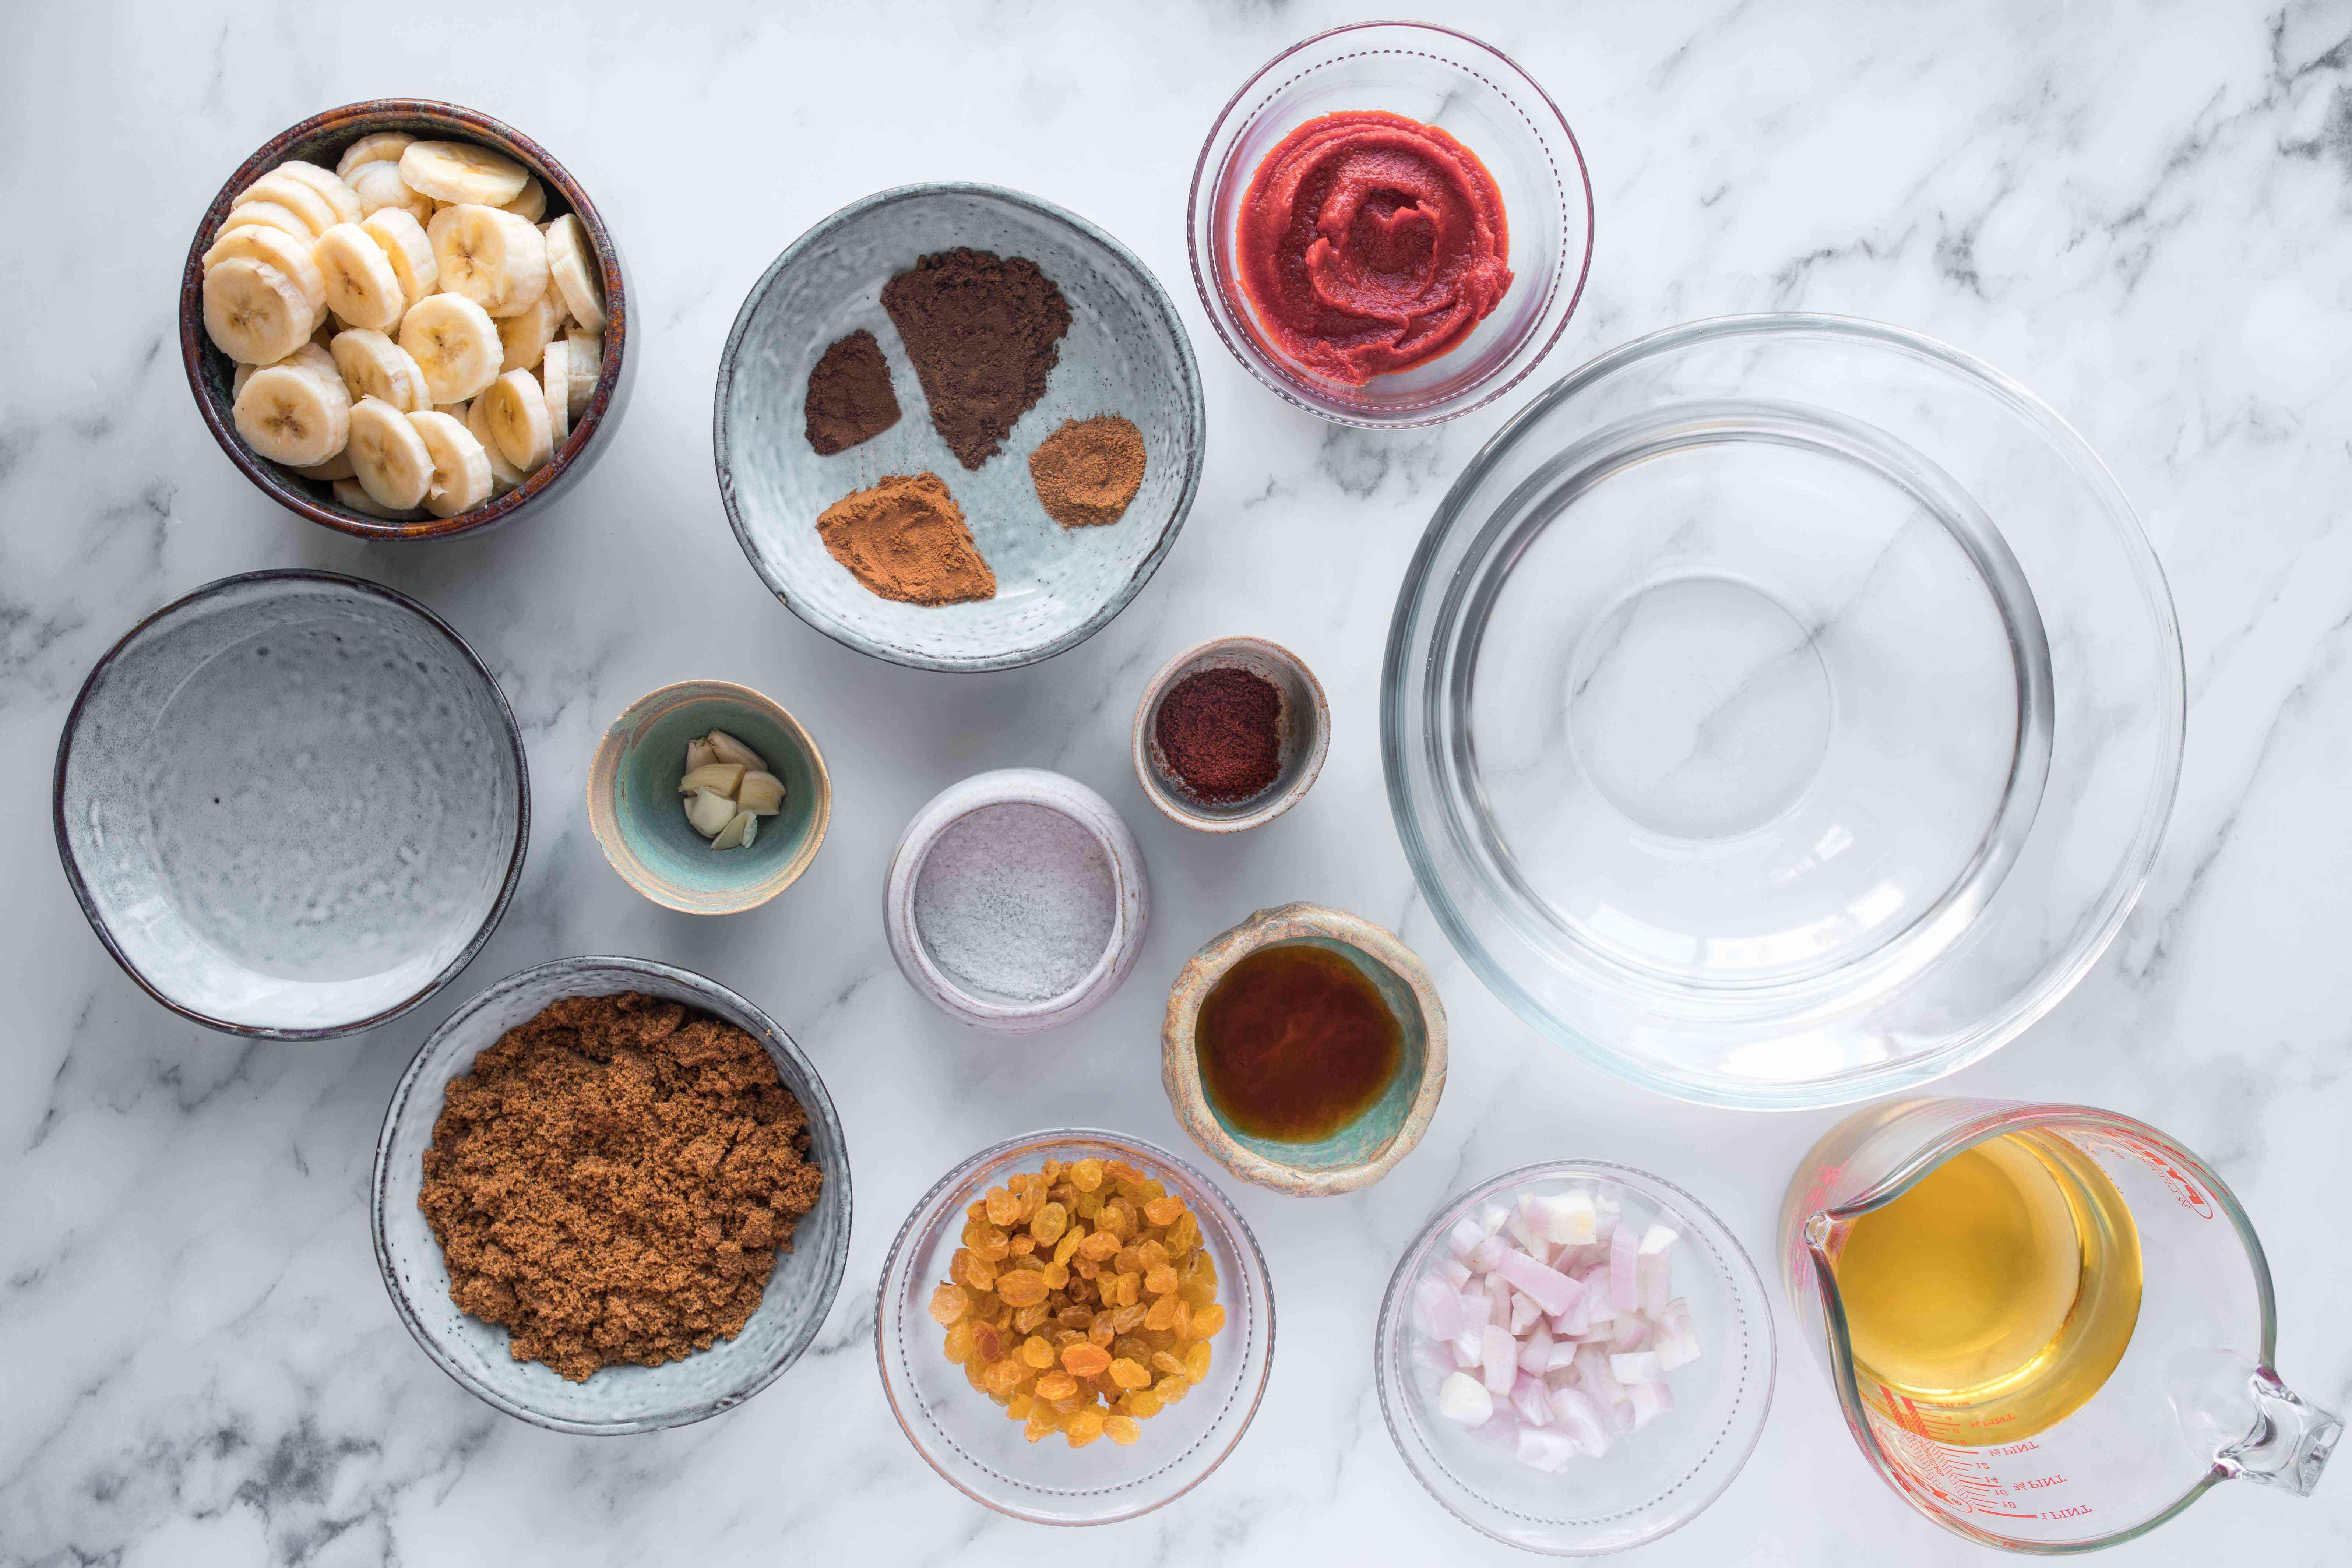 Ingredients for banana ketchup